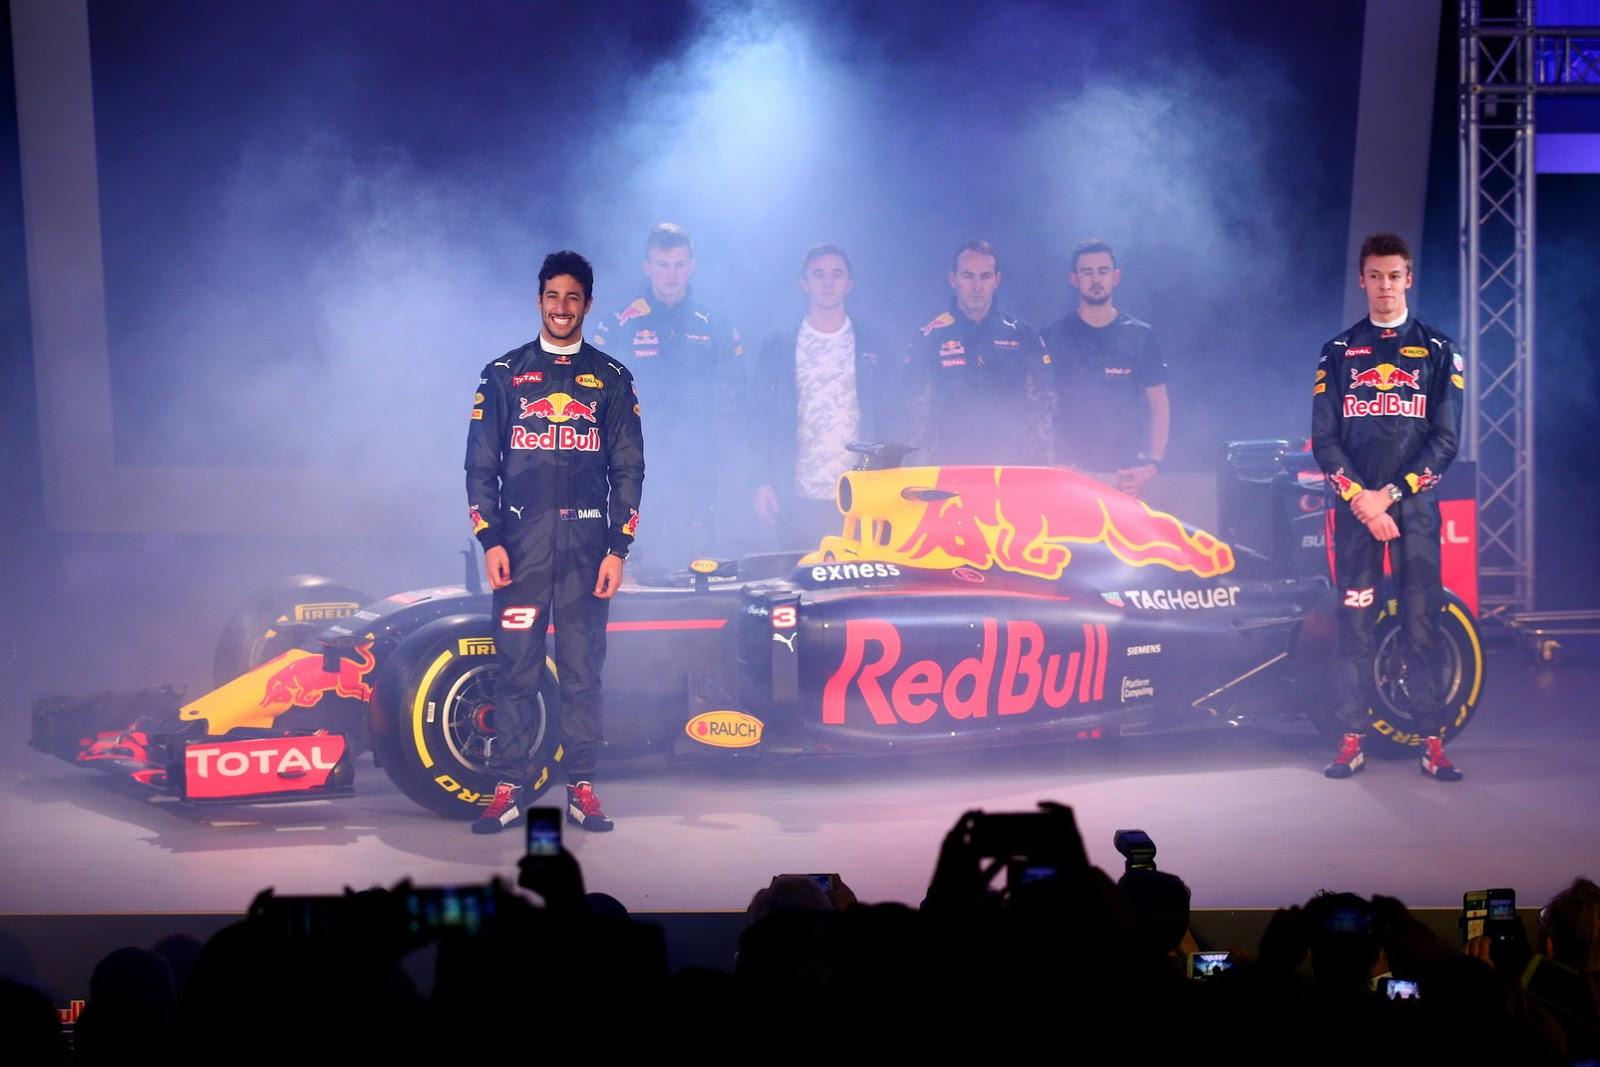 Đội đua Red Bull trình làng F1 Livery 2016 tại London